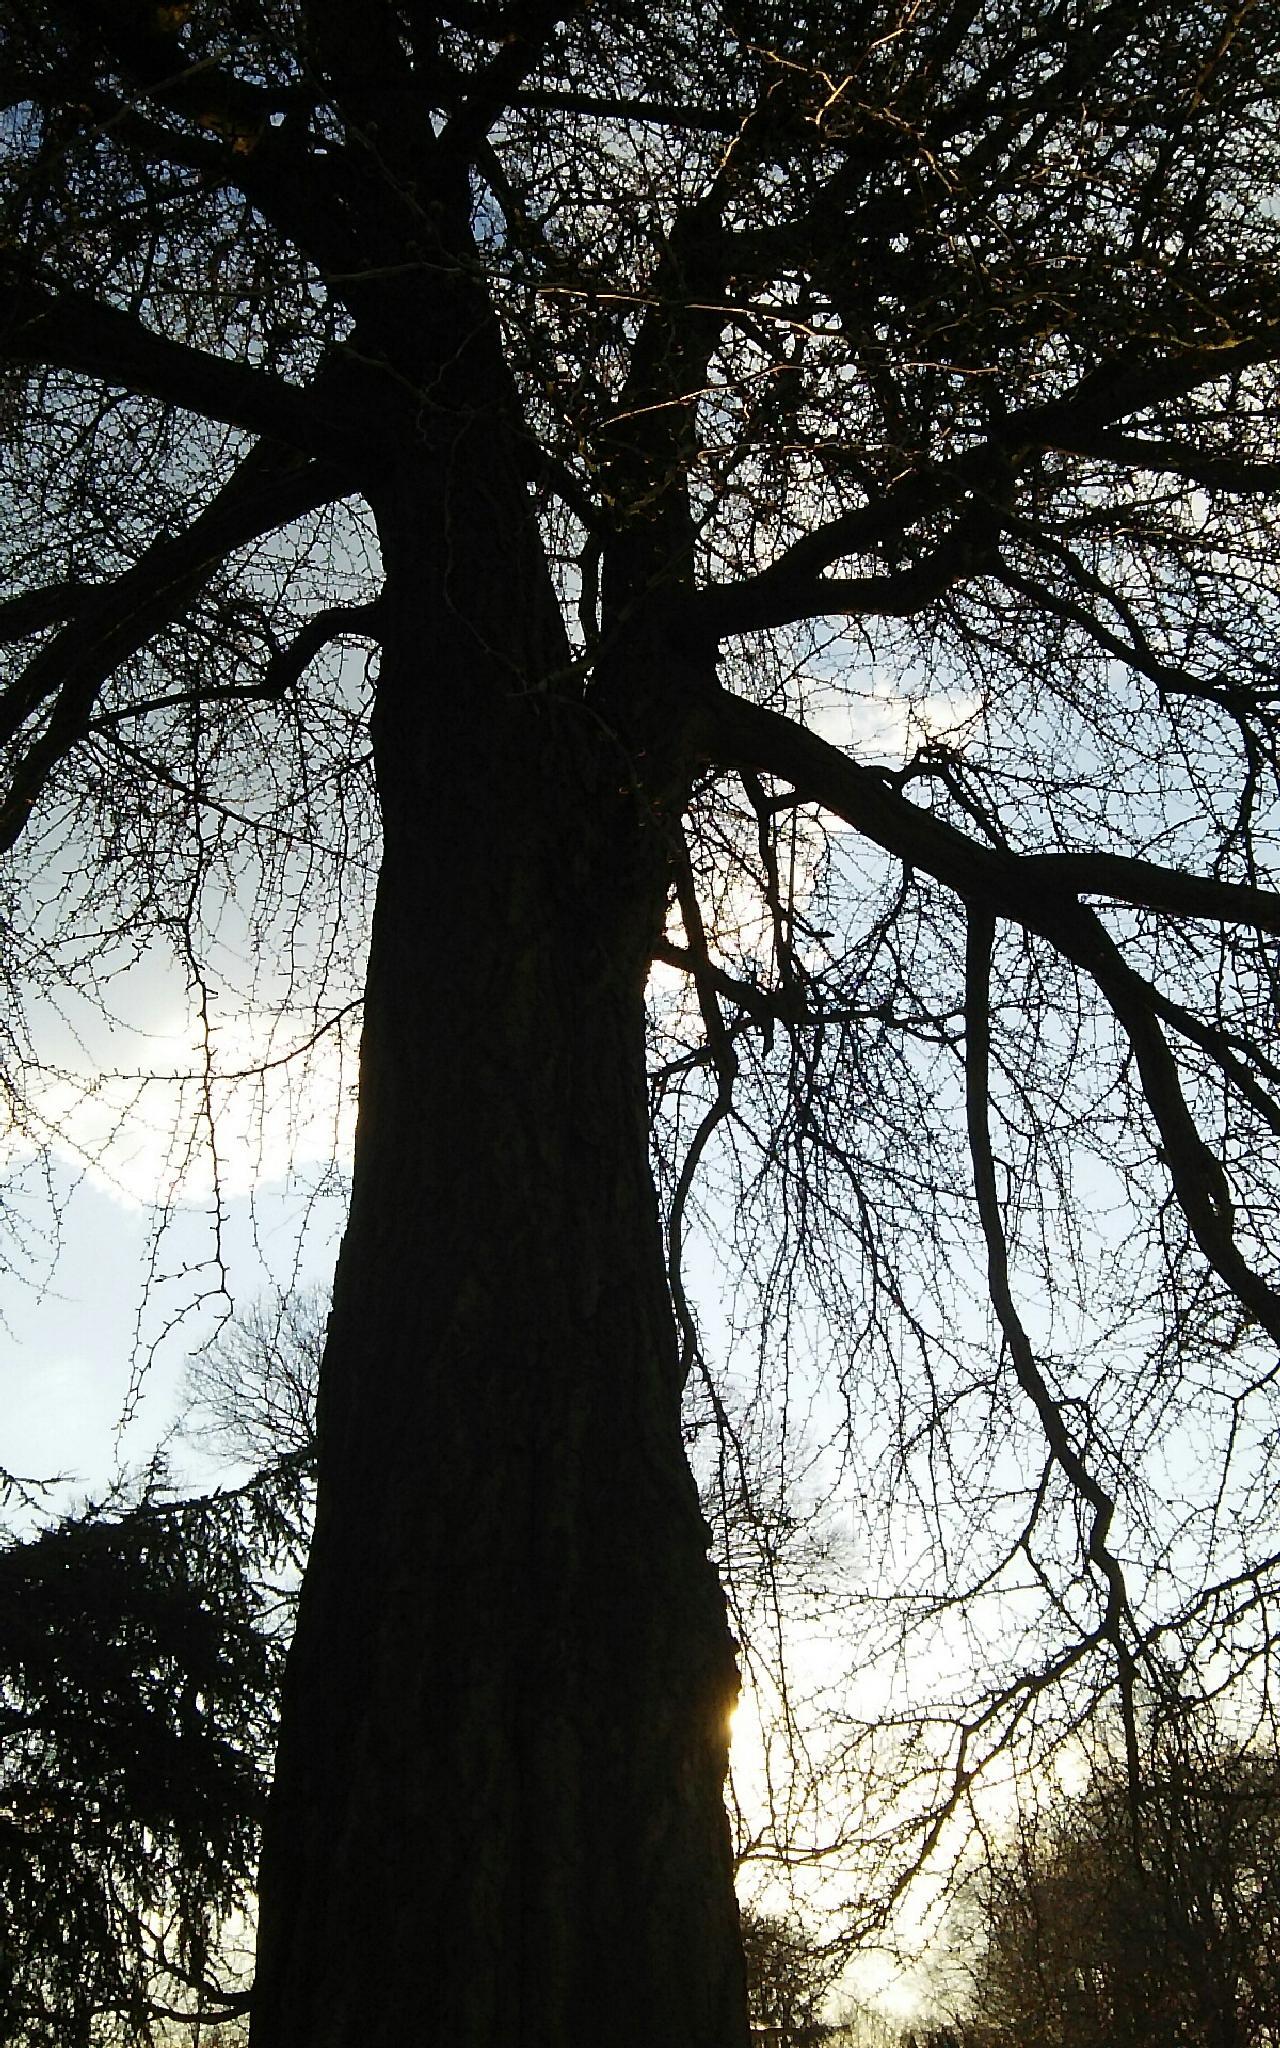 TreE & Sunlight by  Biniam